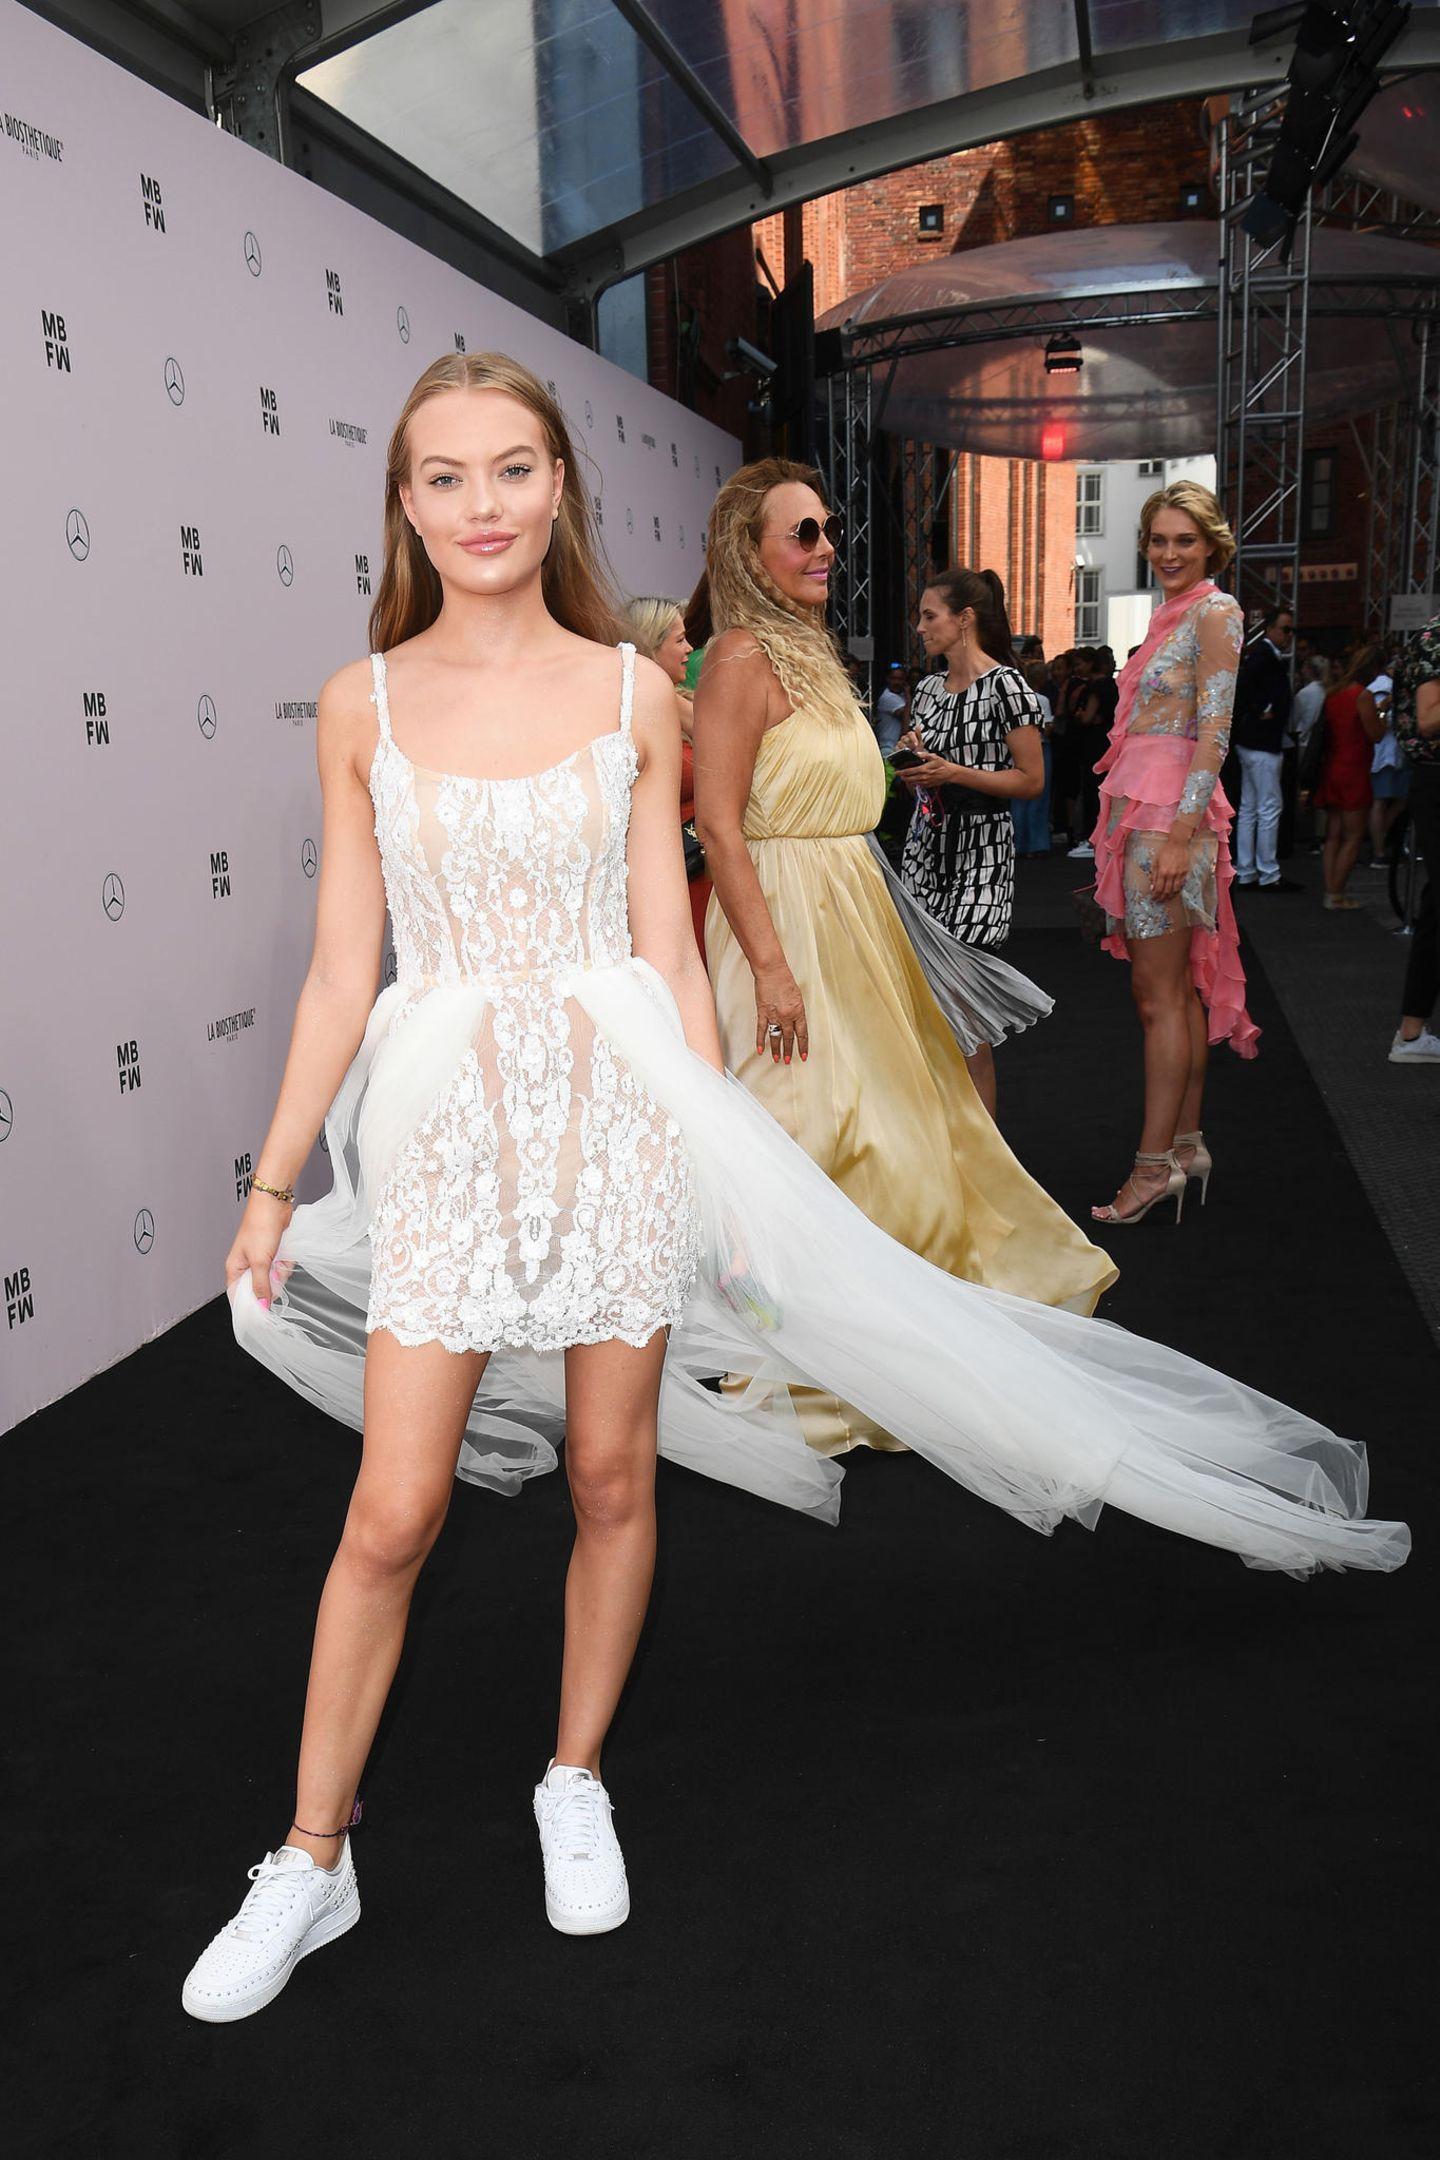 Der Berliner Sommerwind setzt das süße Spitzenkleid von Cheyenne Ochsenknecht in Bewegung.Zusammen mit Mama Natascha besucht sie die Fashion-Show von Lana Mueller.